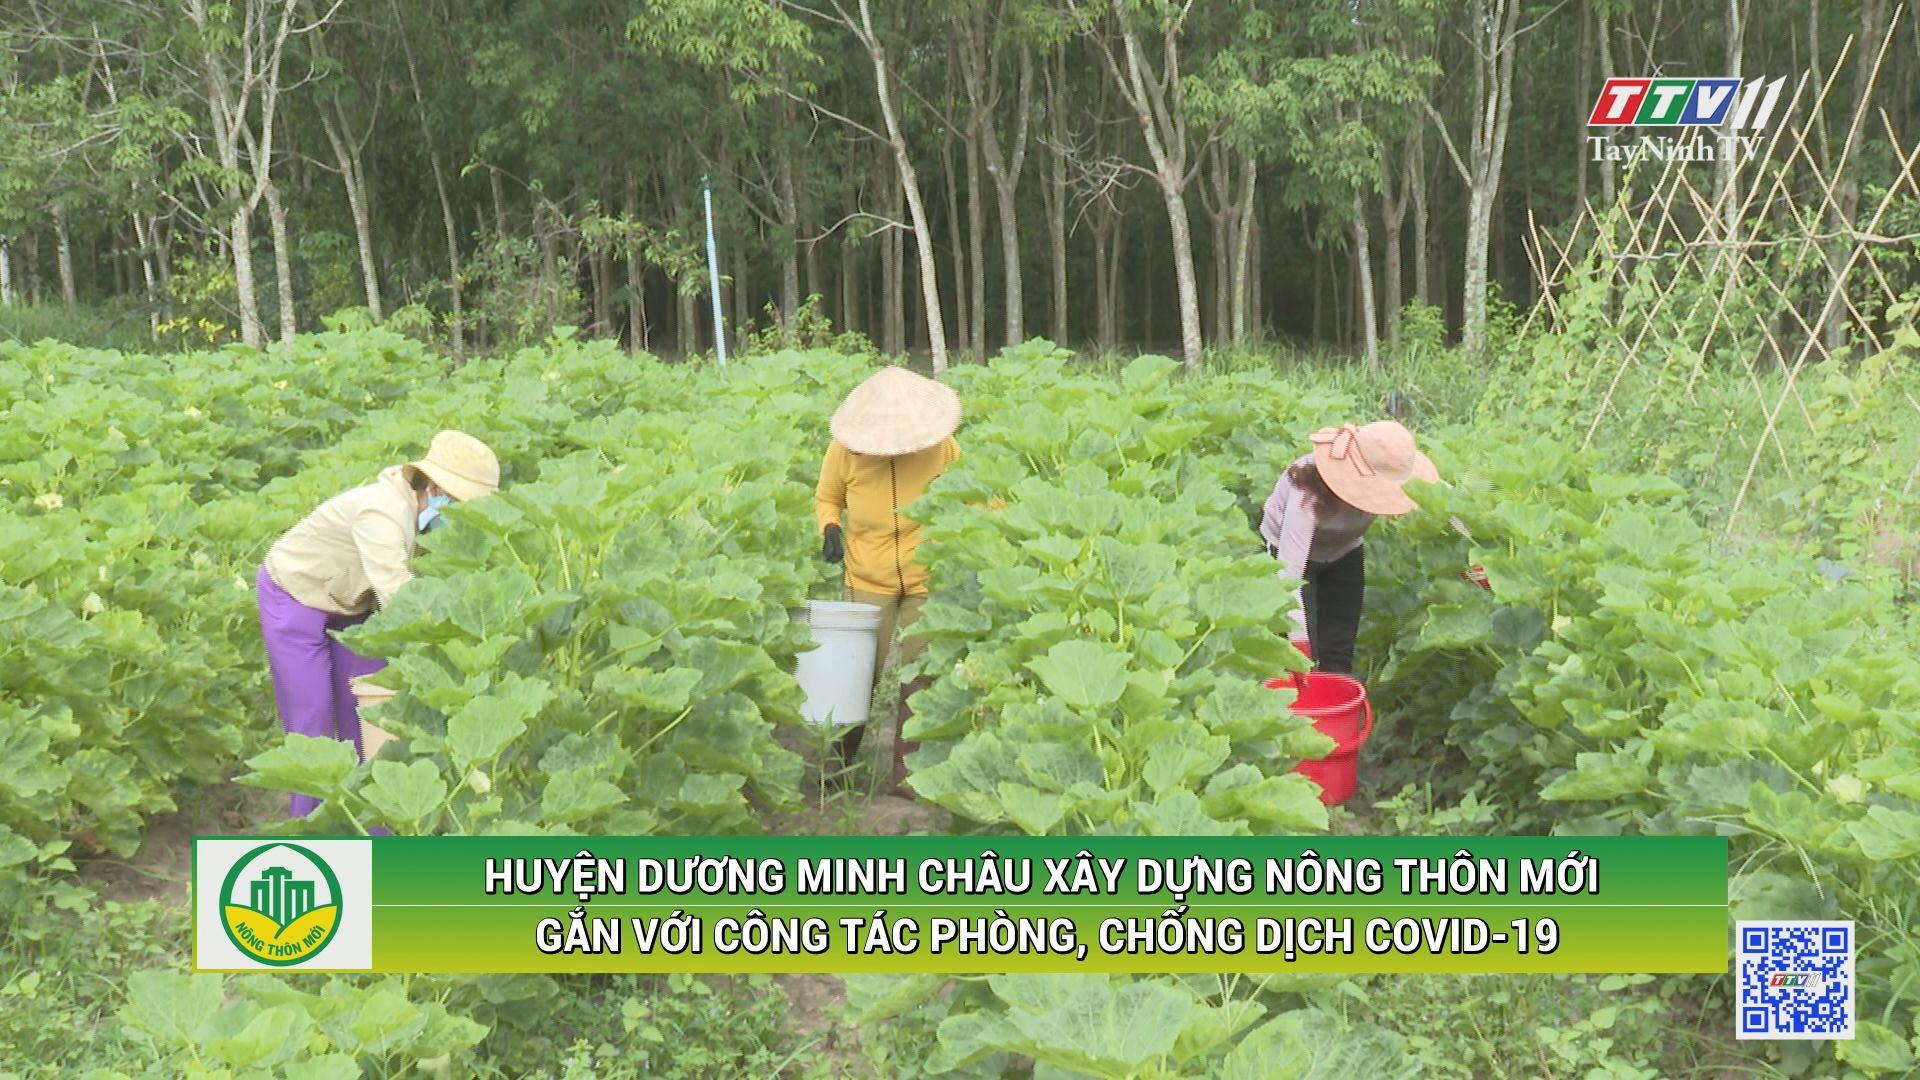 Huyện Dương Minh Châu xây dựng nông thôn mới gắn liền với công tác phòng, chống dịch Covid-19 | TÂY NINH XÂY DỰNG NÔNG THÔN MỚI | TayNinhTV